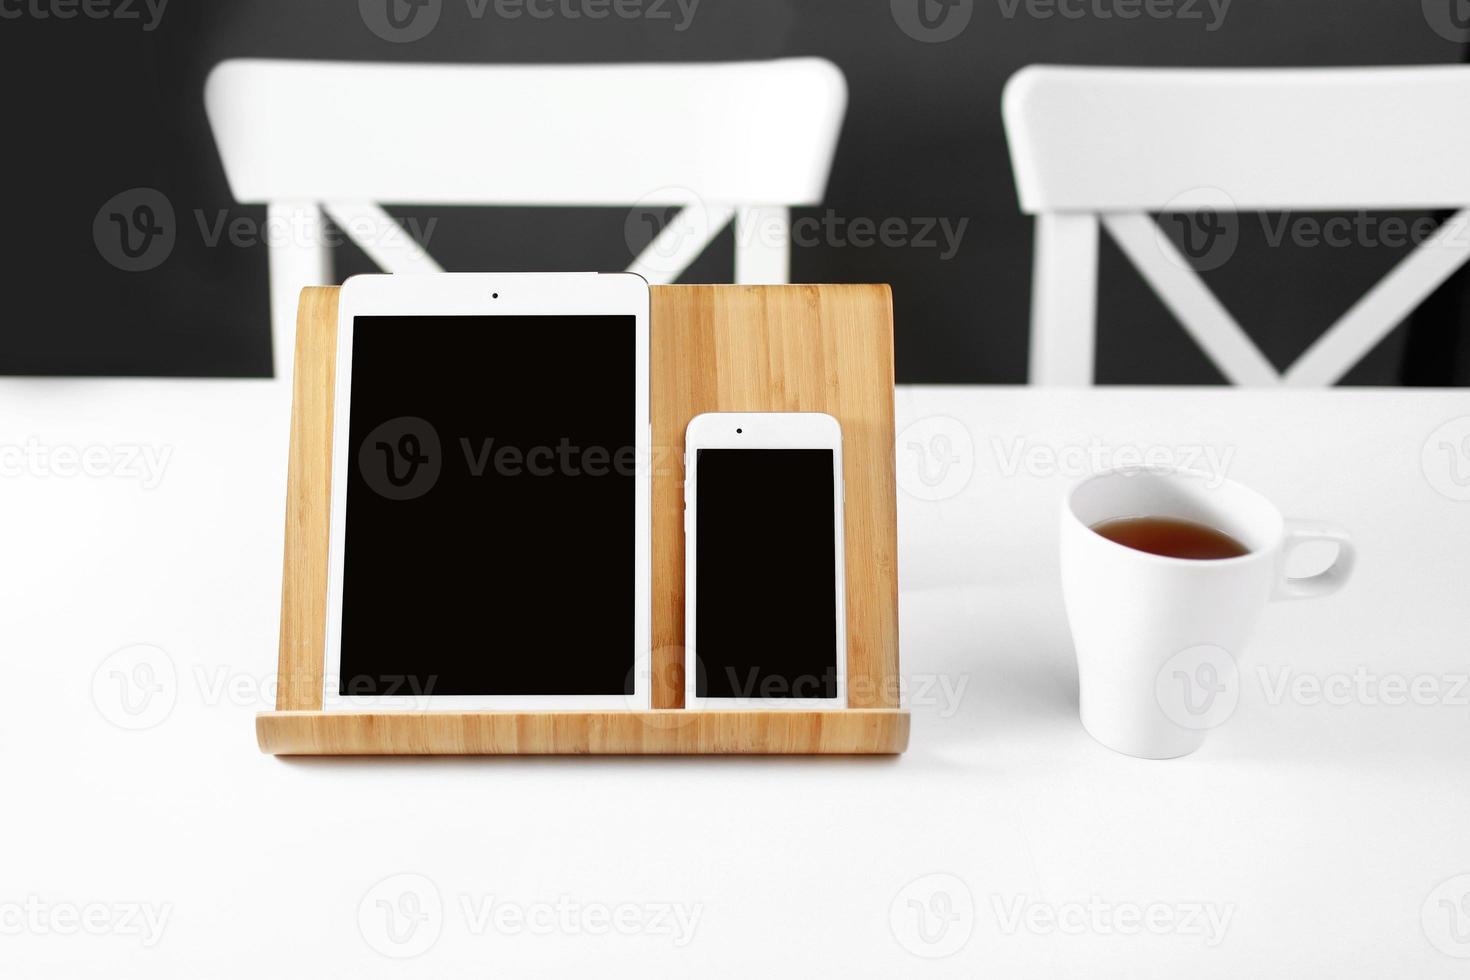 een witte tablet en een smartphone op een standaard op een witte tafel kantoorwerkplek. een mok thee op de werkvloer foto